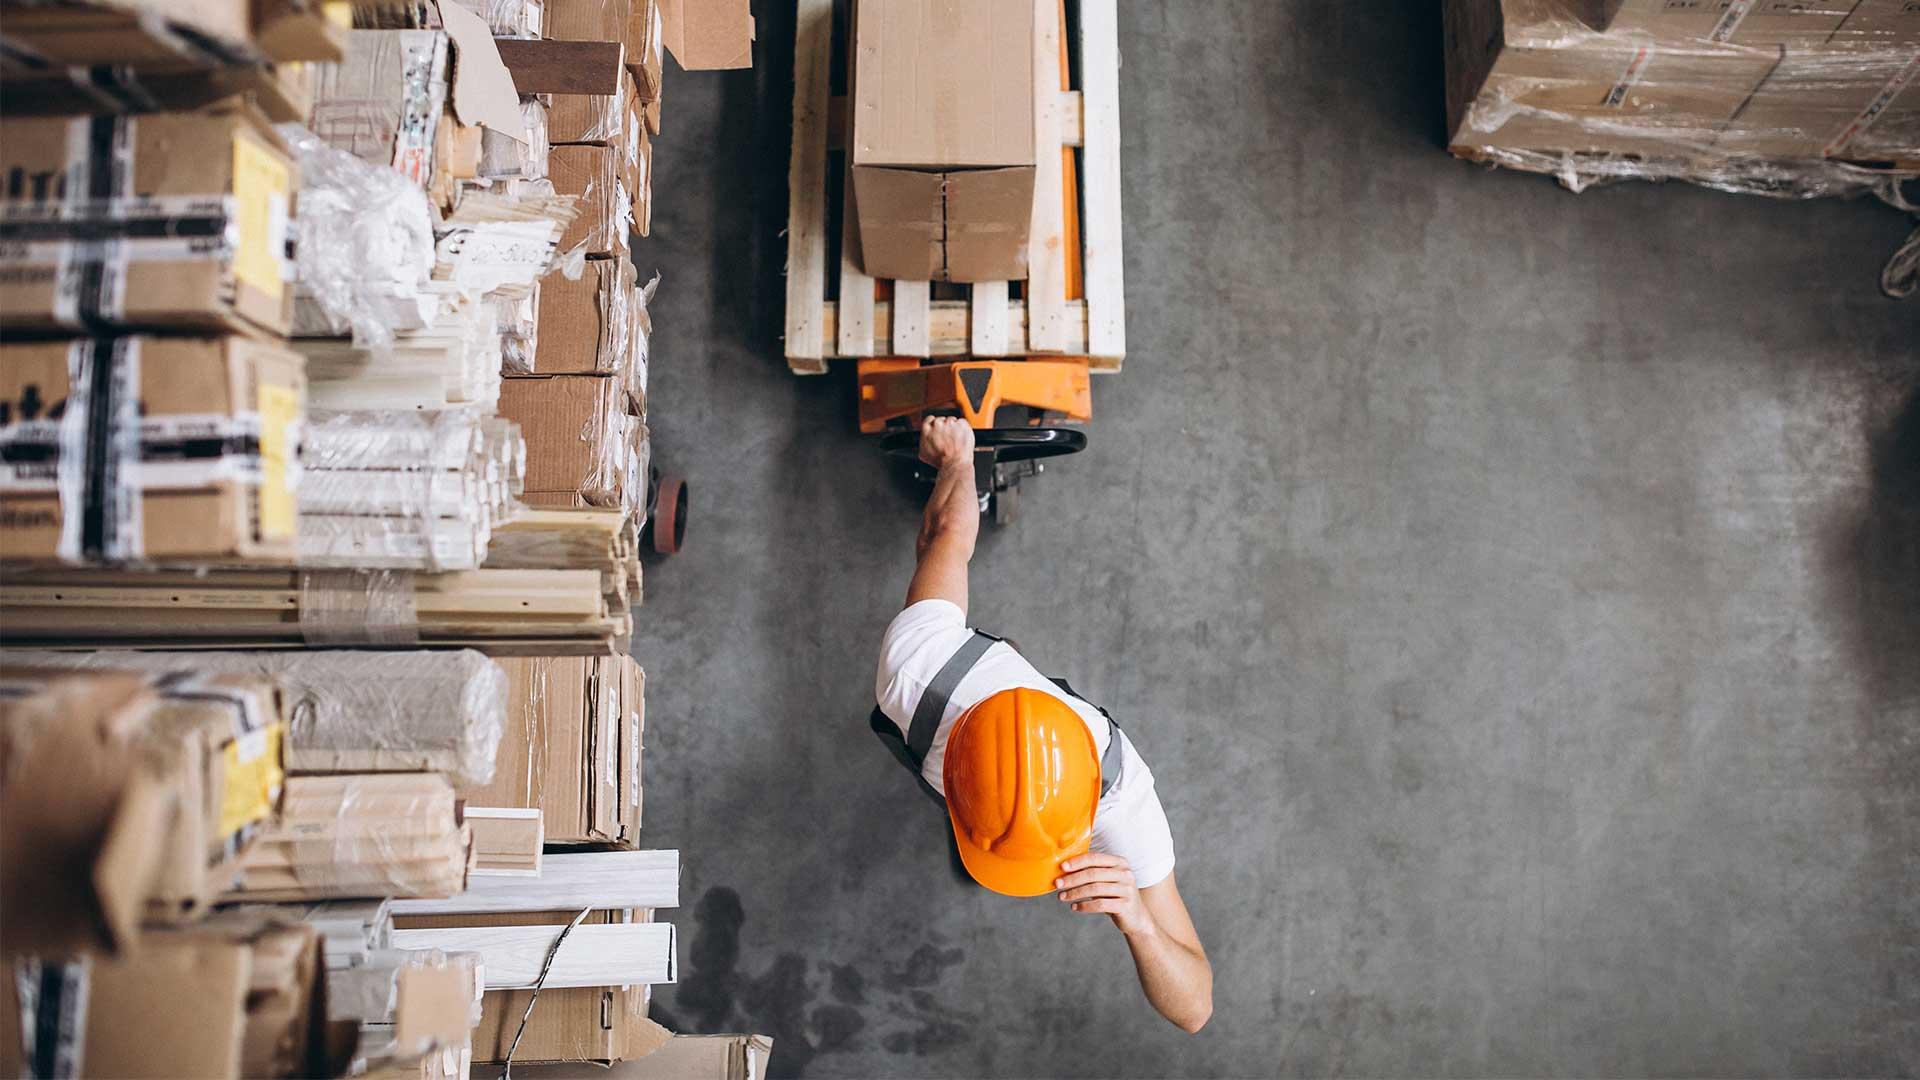 Usando a norma ISO 45001 para trabalhar em segurança